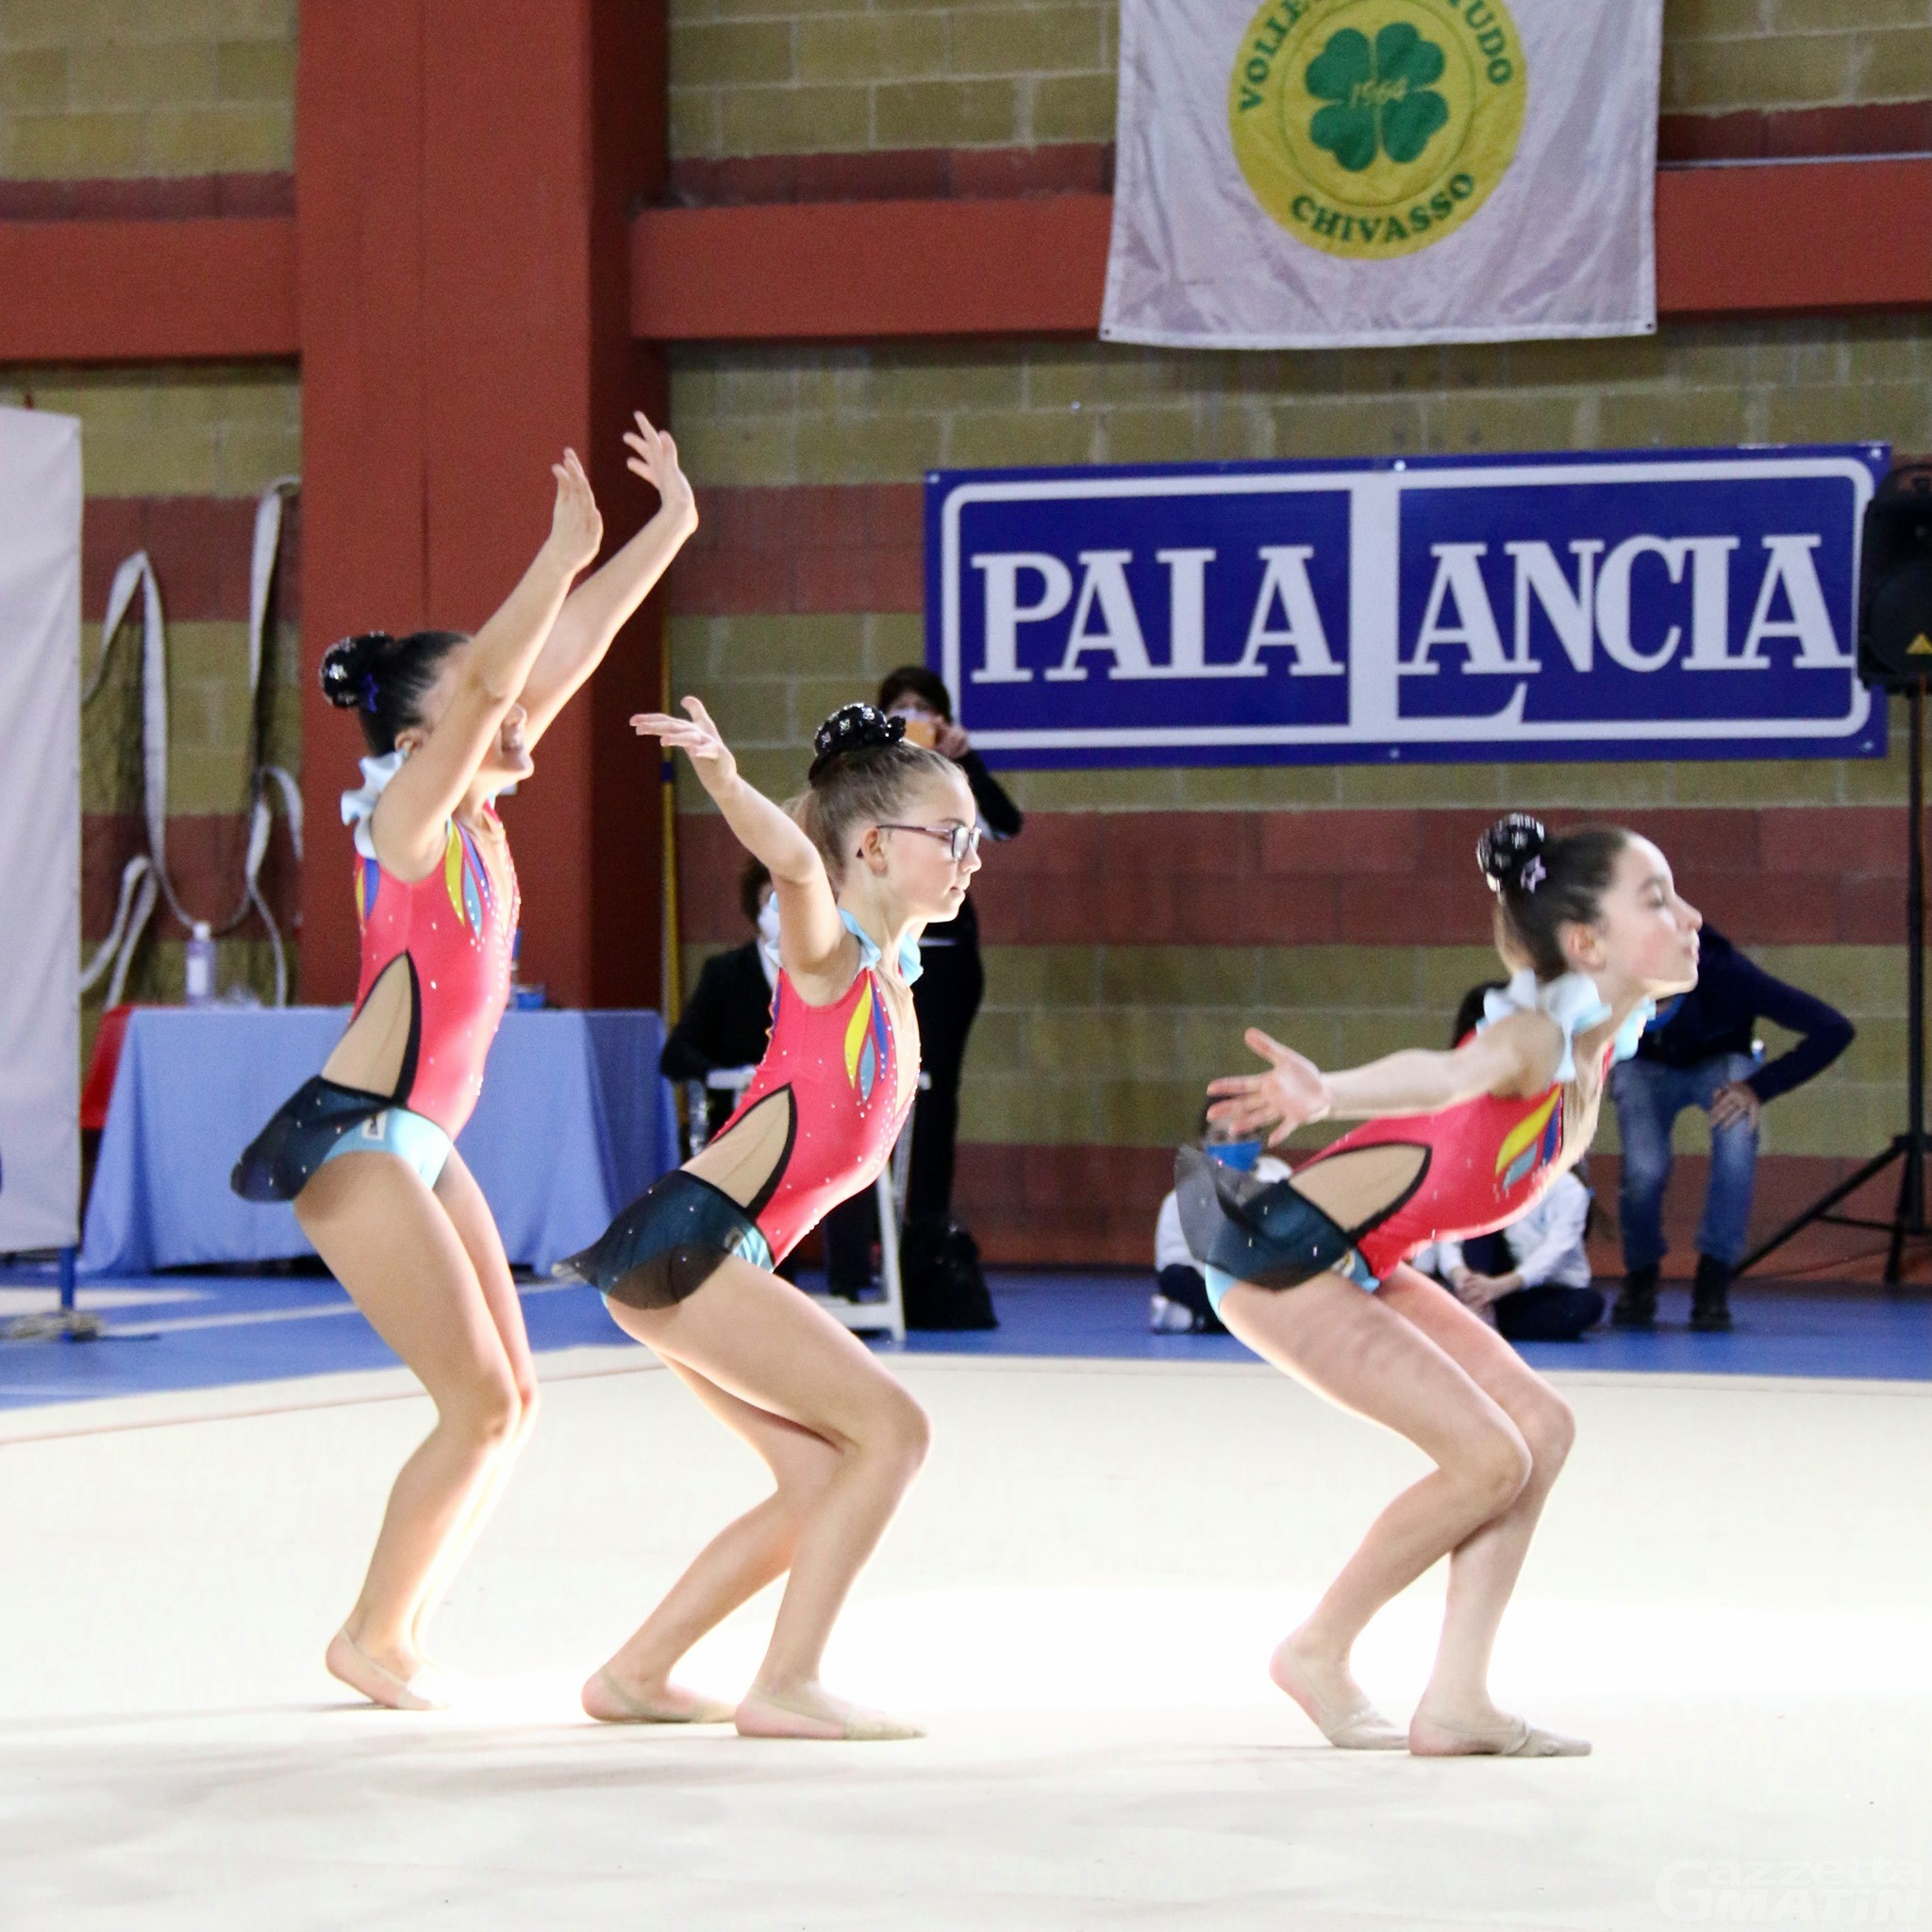 Ritmica: 600 ginnaste in pedana sabato e domenica a Châtillon